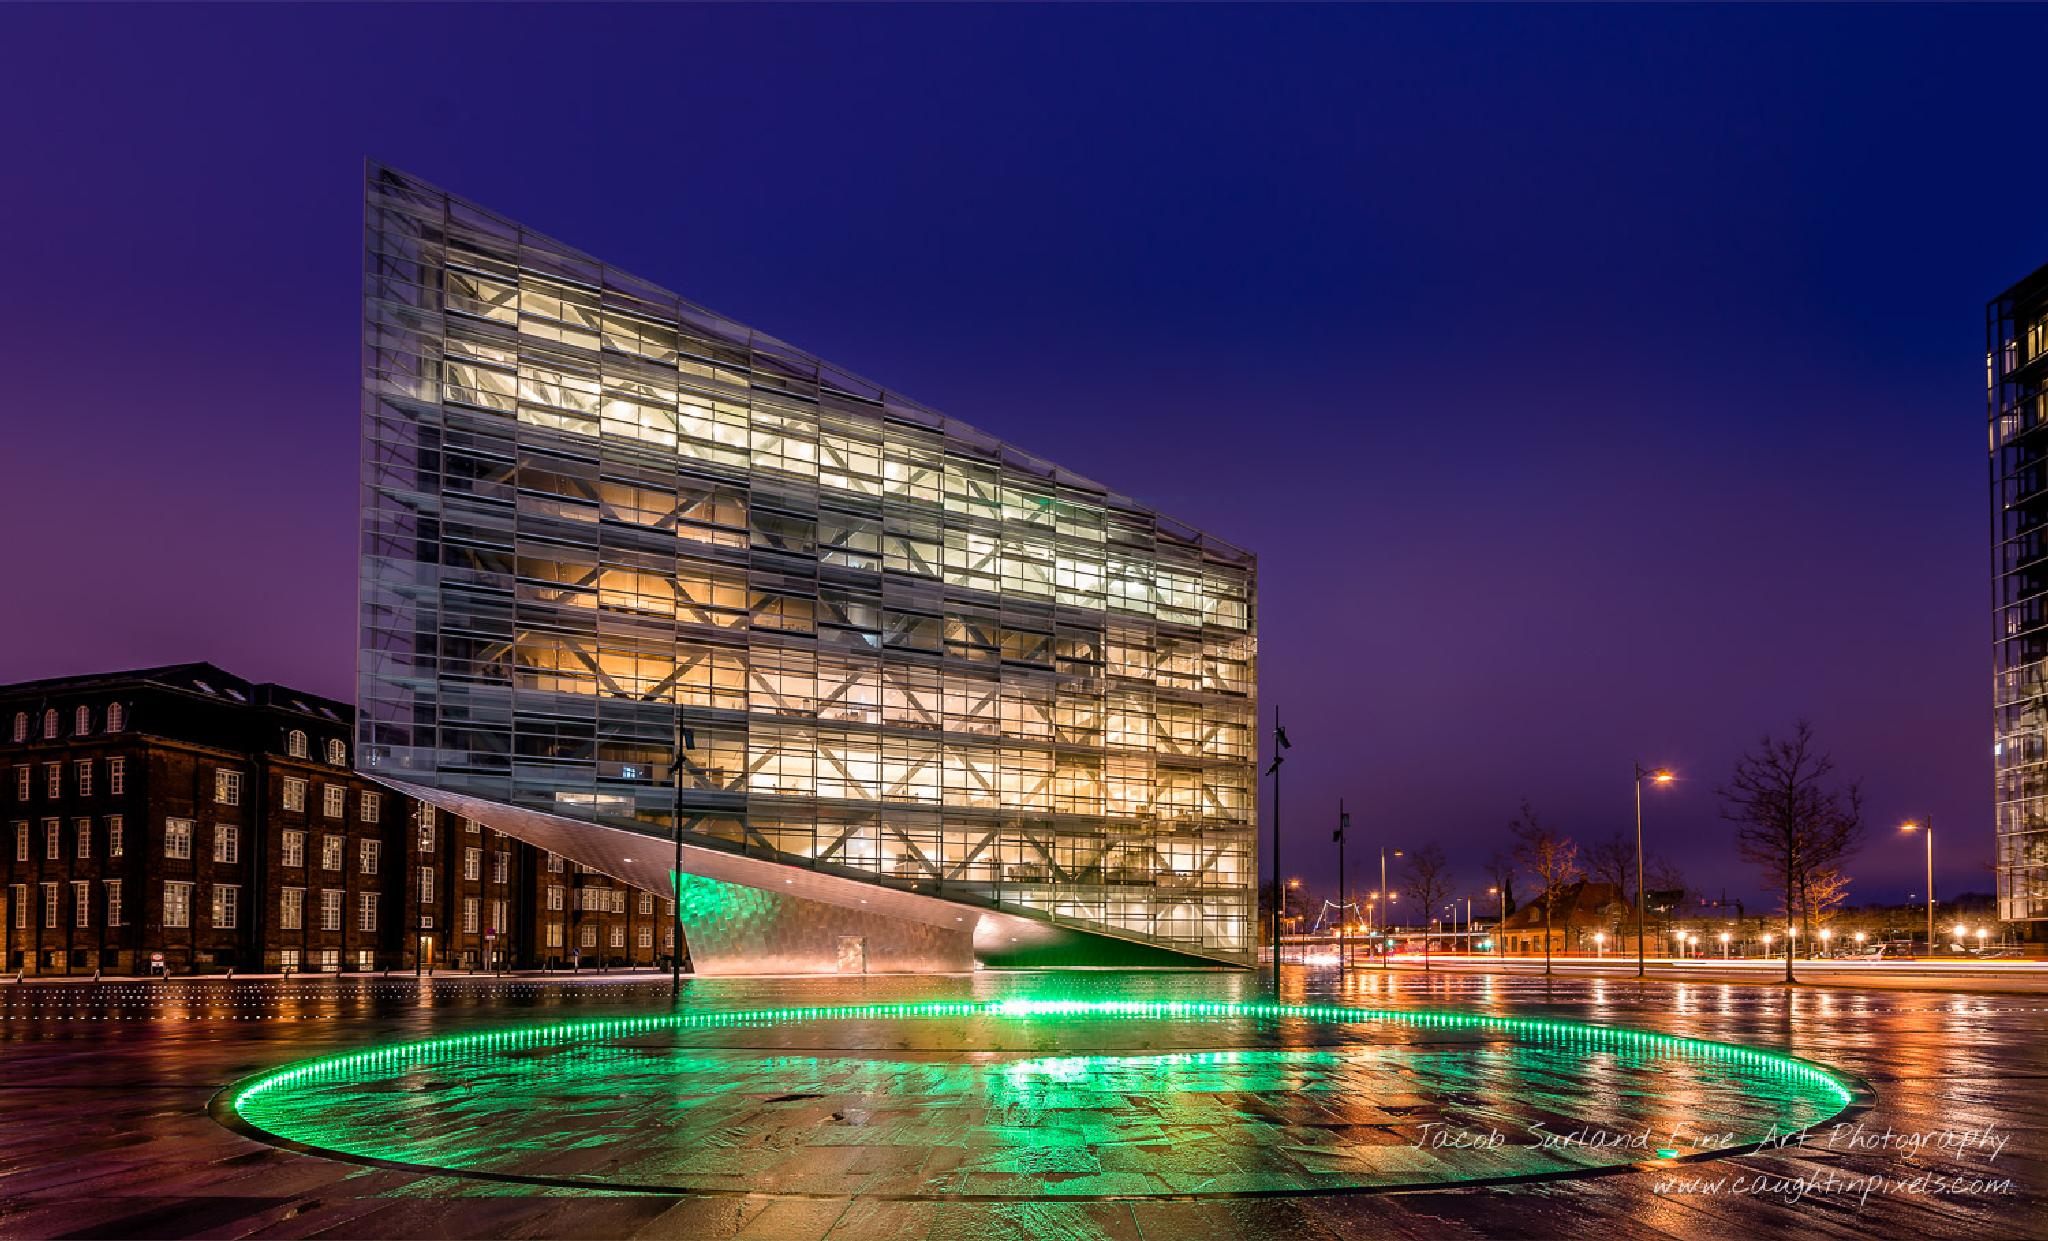 Copenhagen Building by Jacob Surland